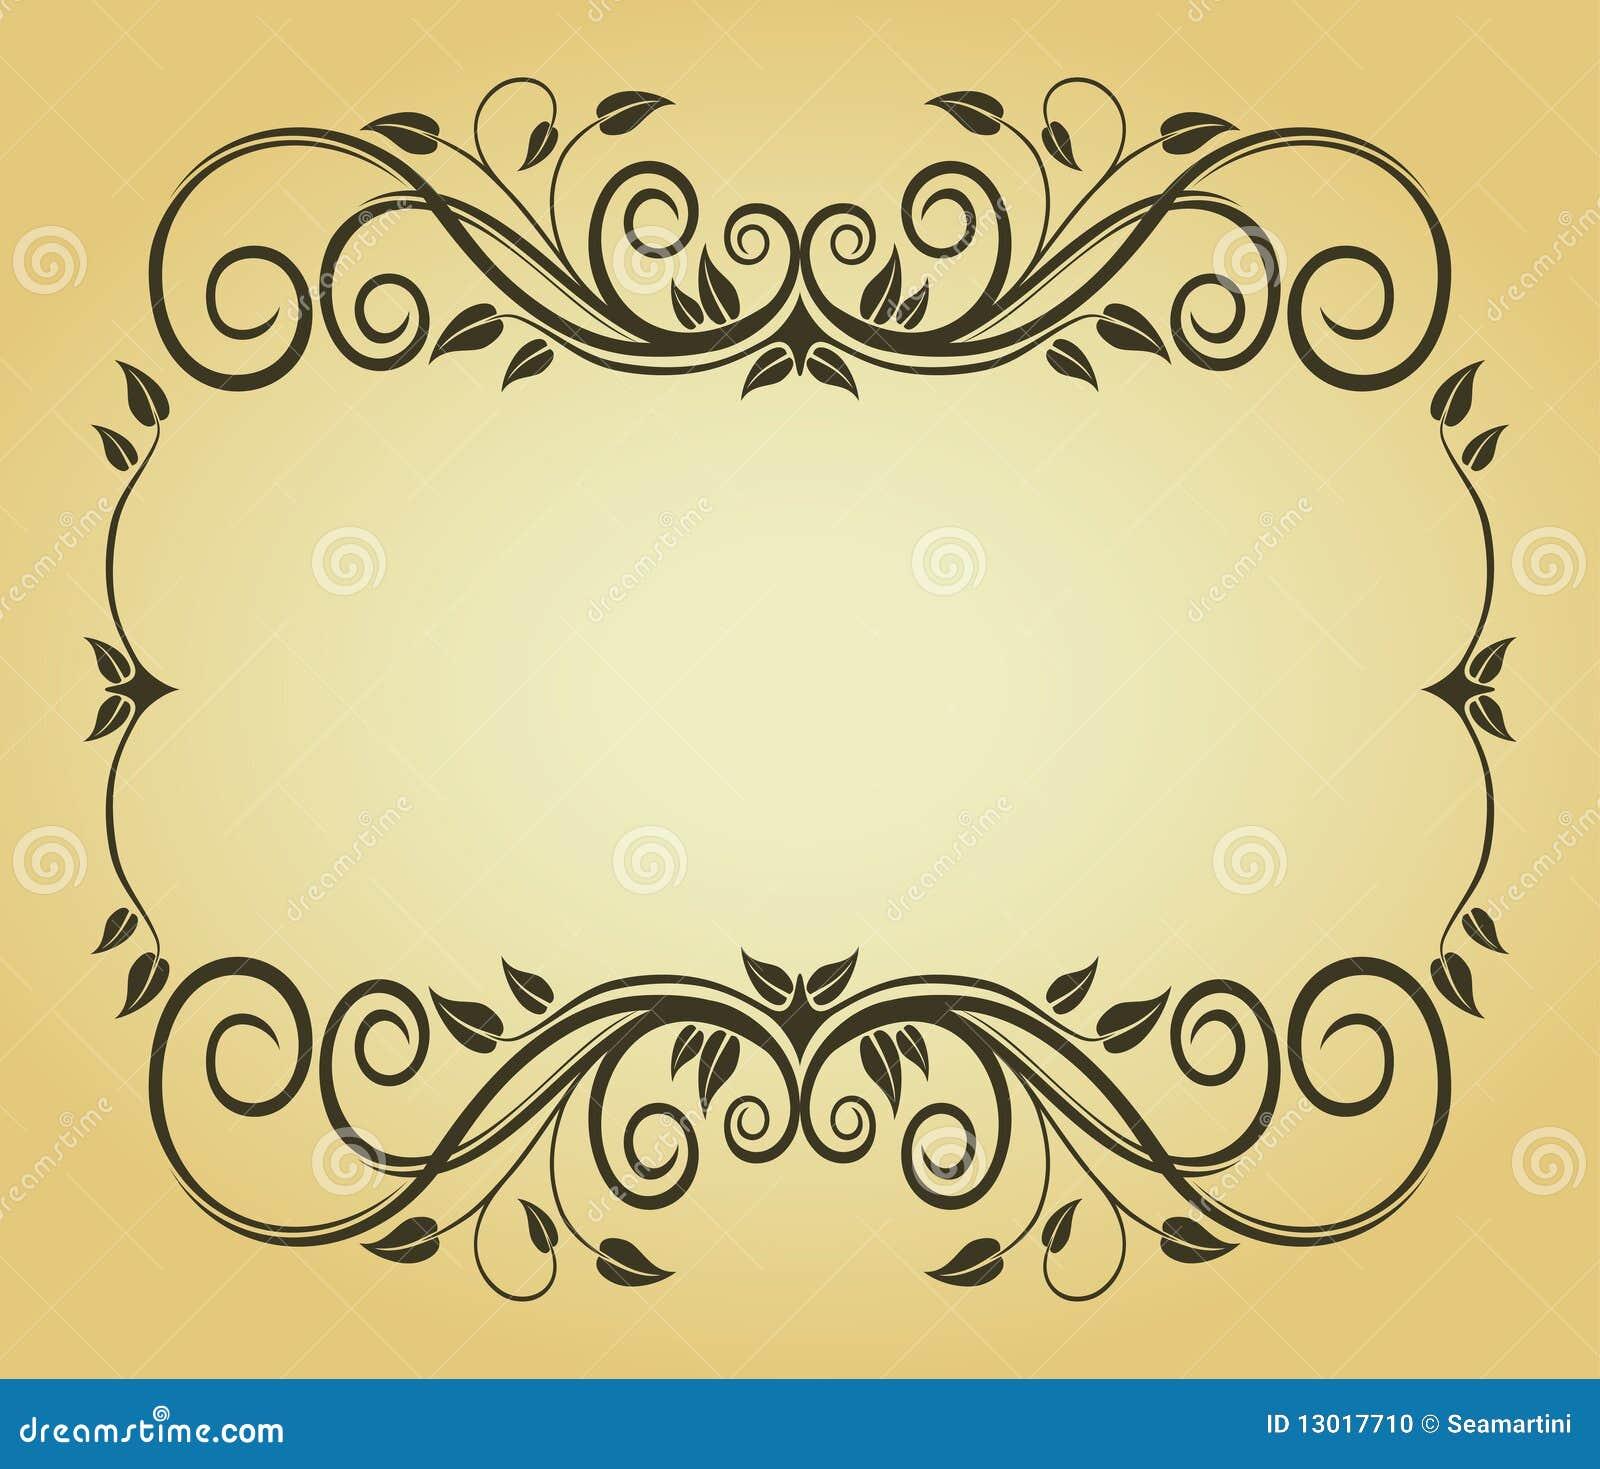 Vintage Frame For Design Stock Photo - Image: 13017710